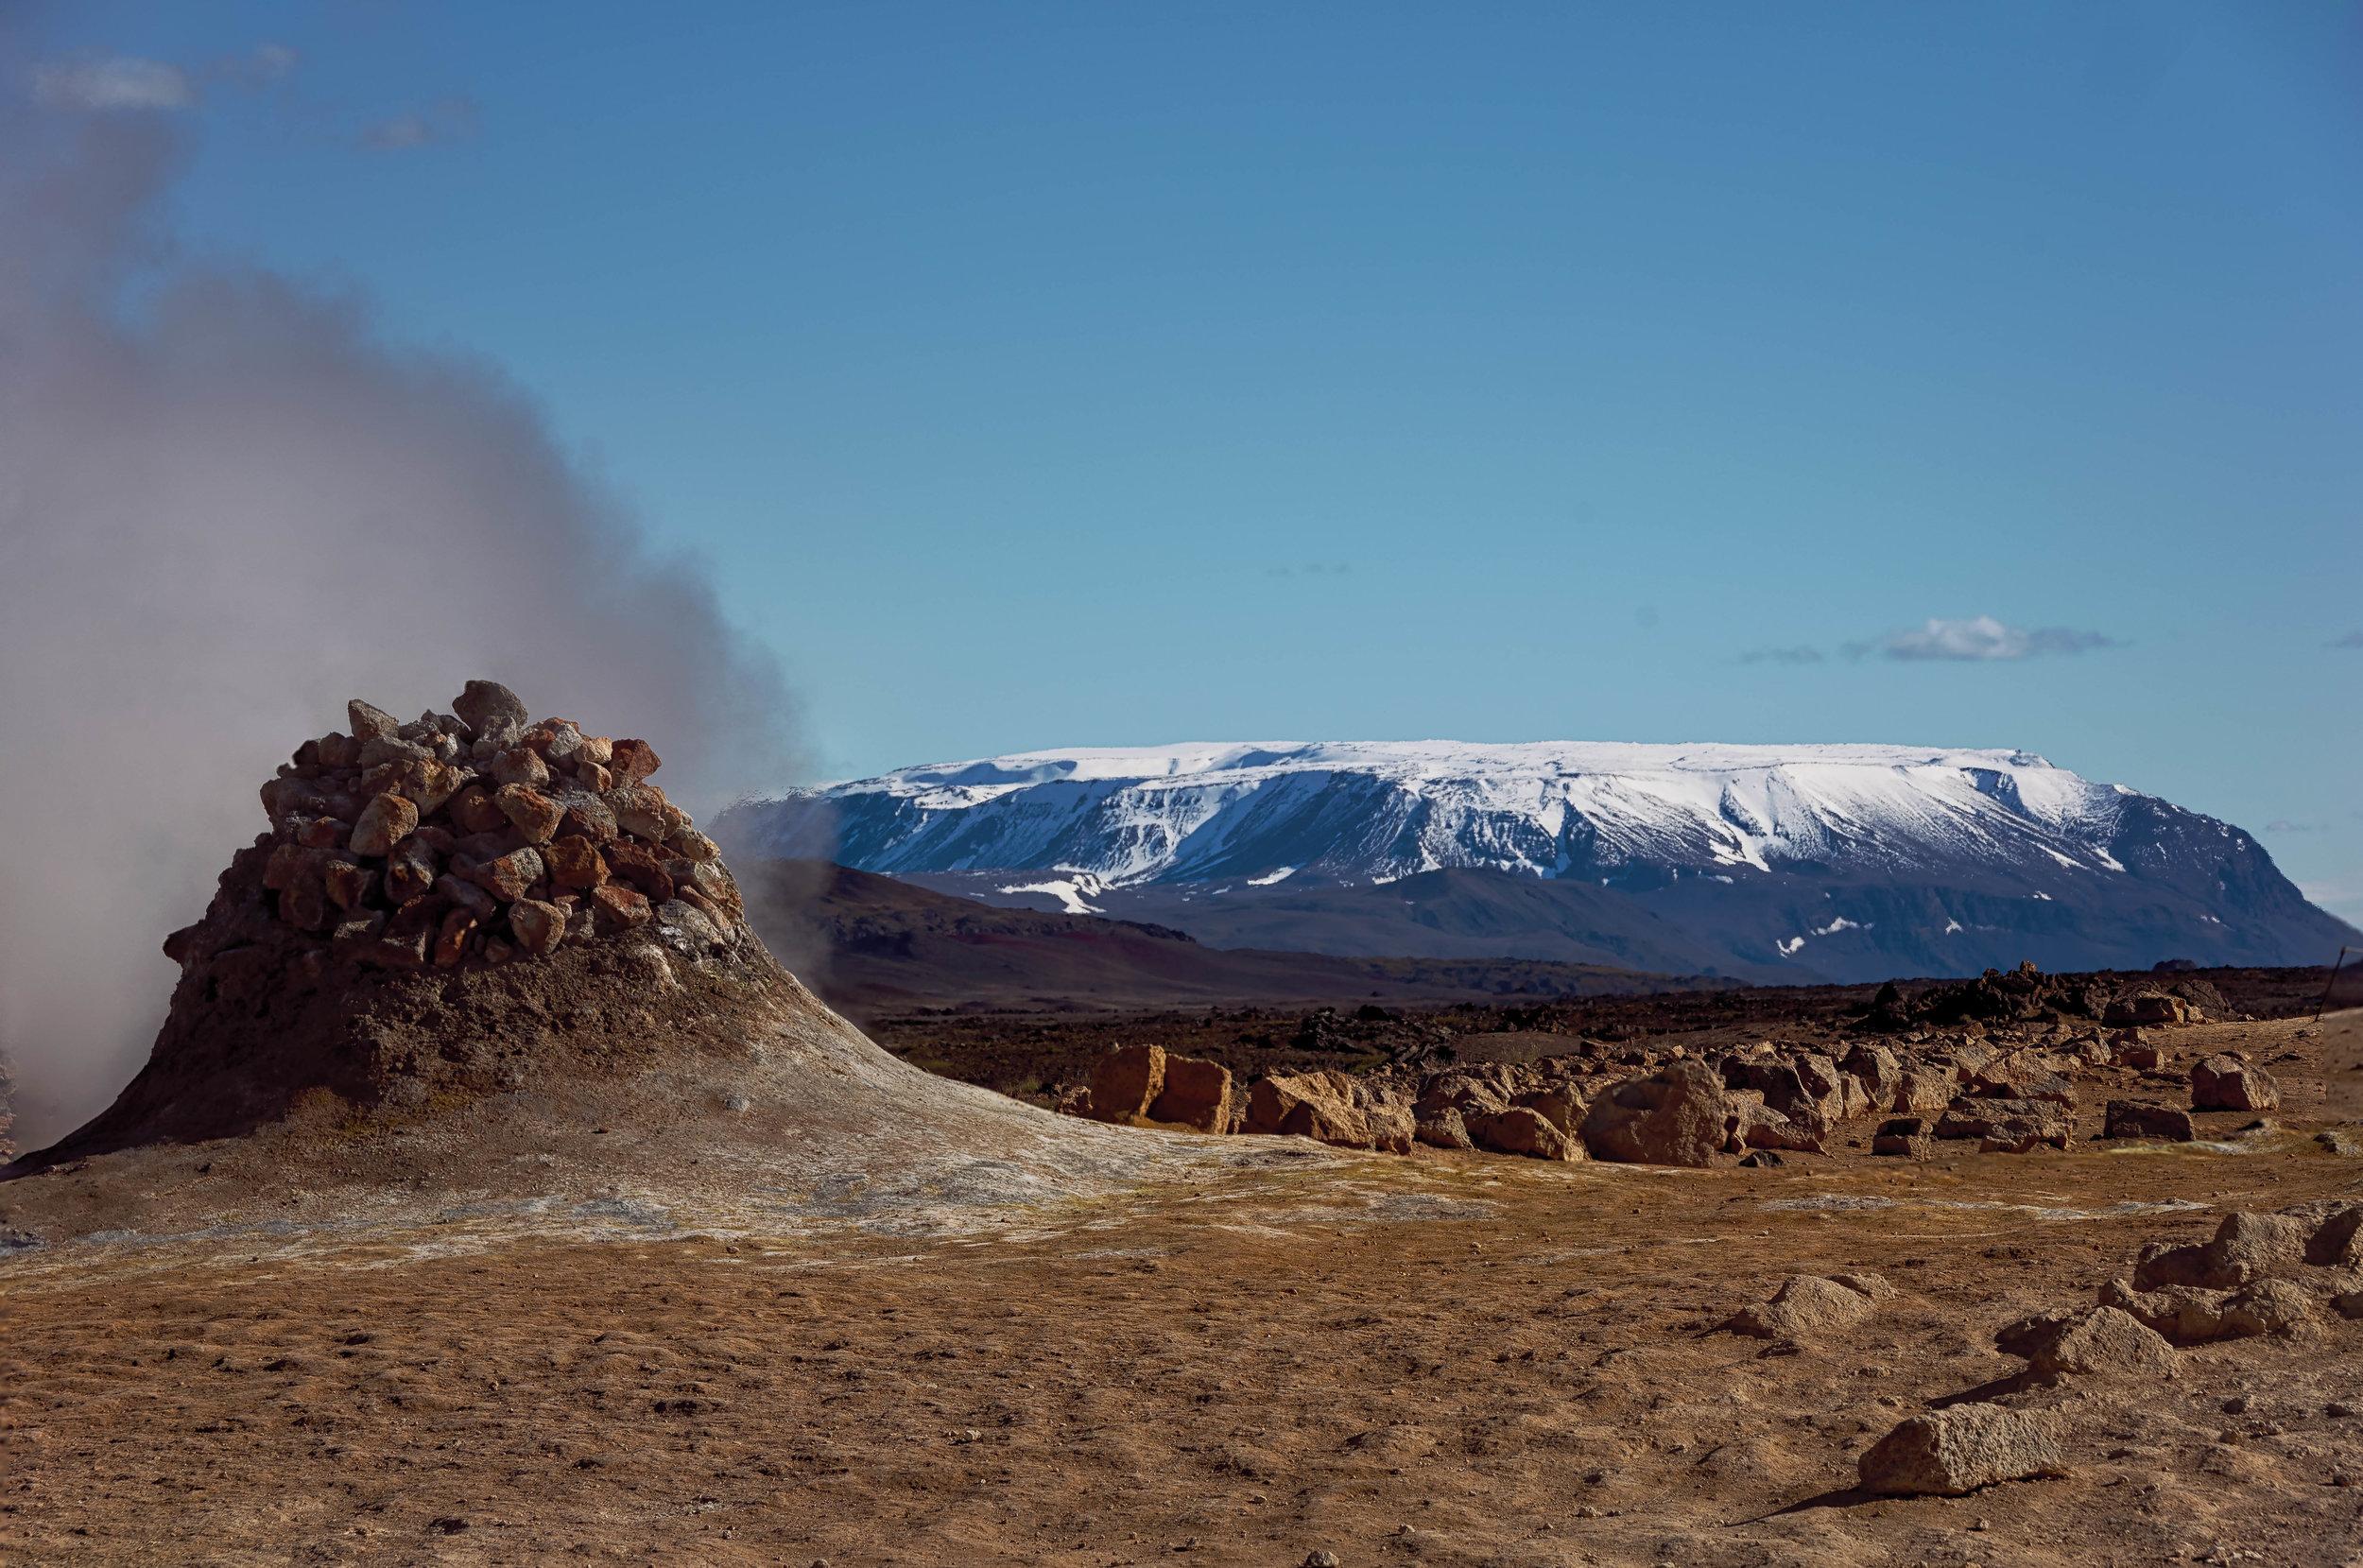 Geothermal activity at Hverir Geothermal Park